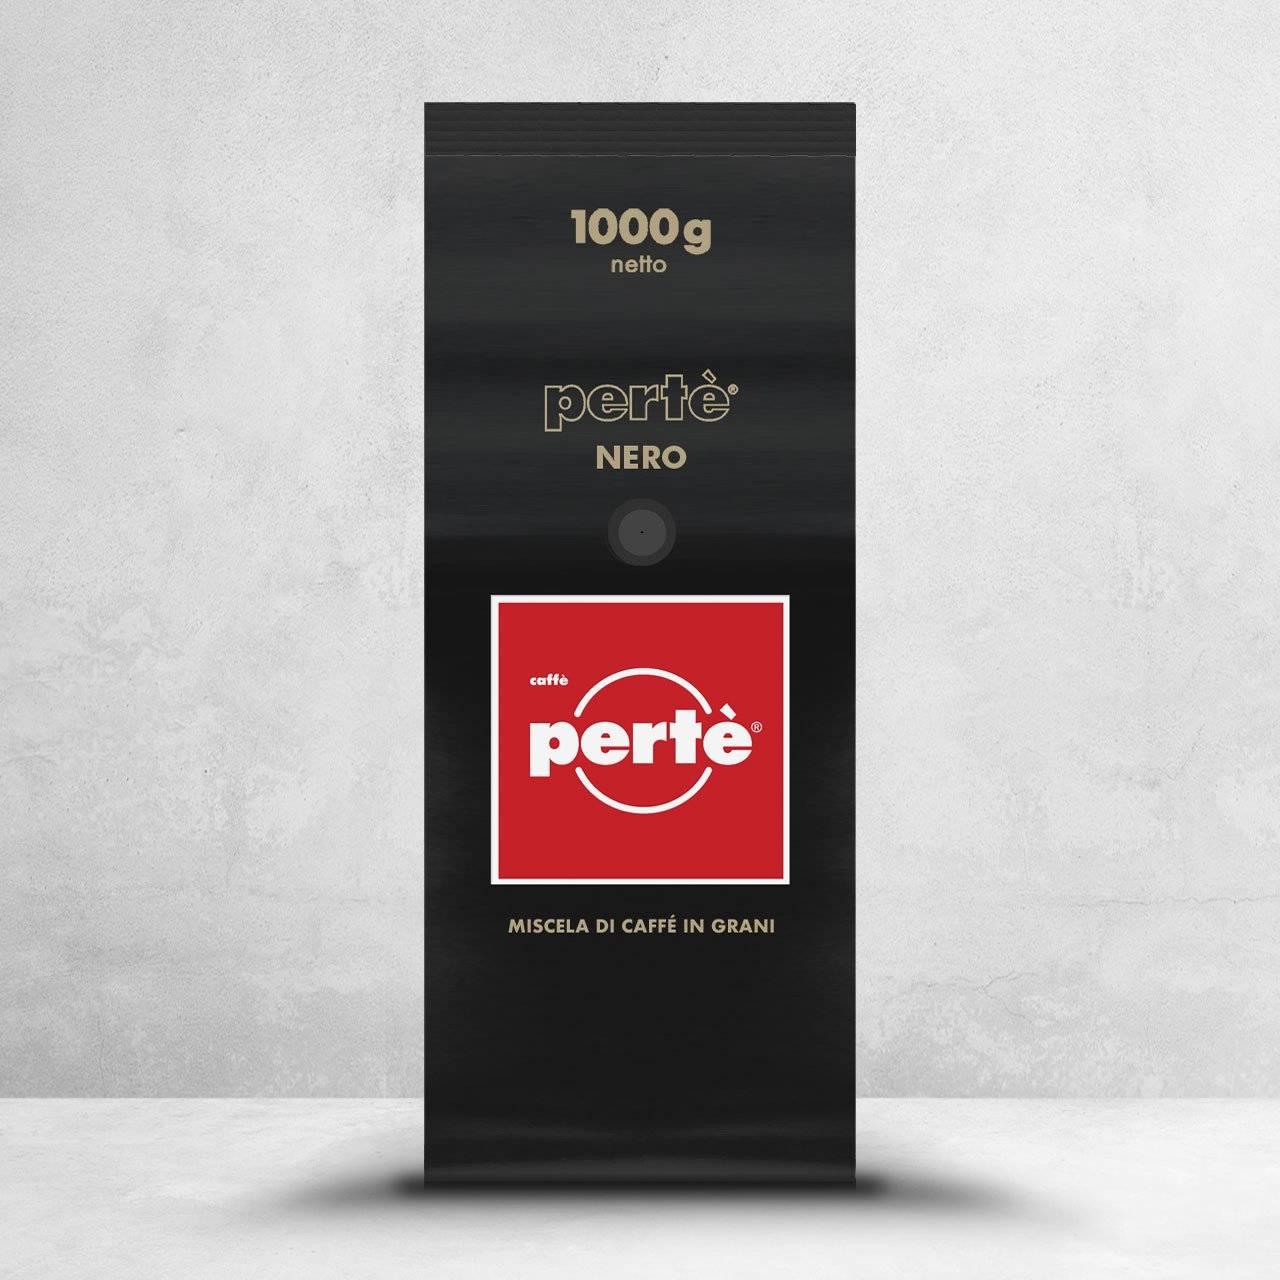 Caffè Pertè - Caffè Pertè Nero - Eijiro Matsumi Limited